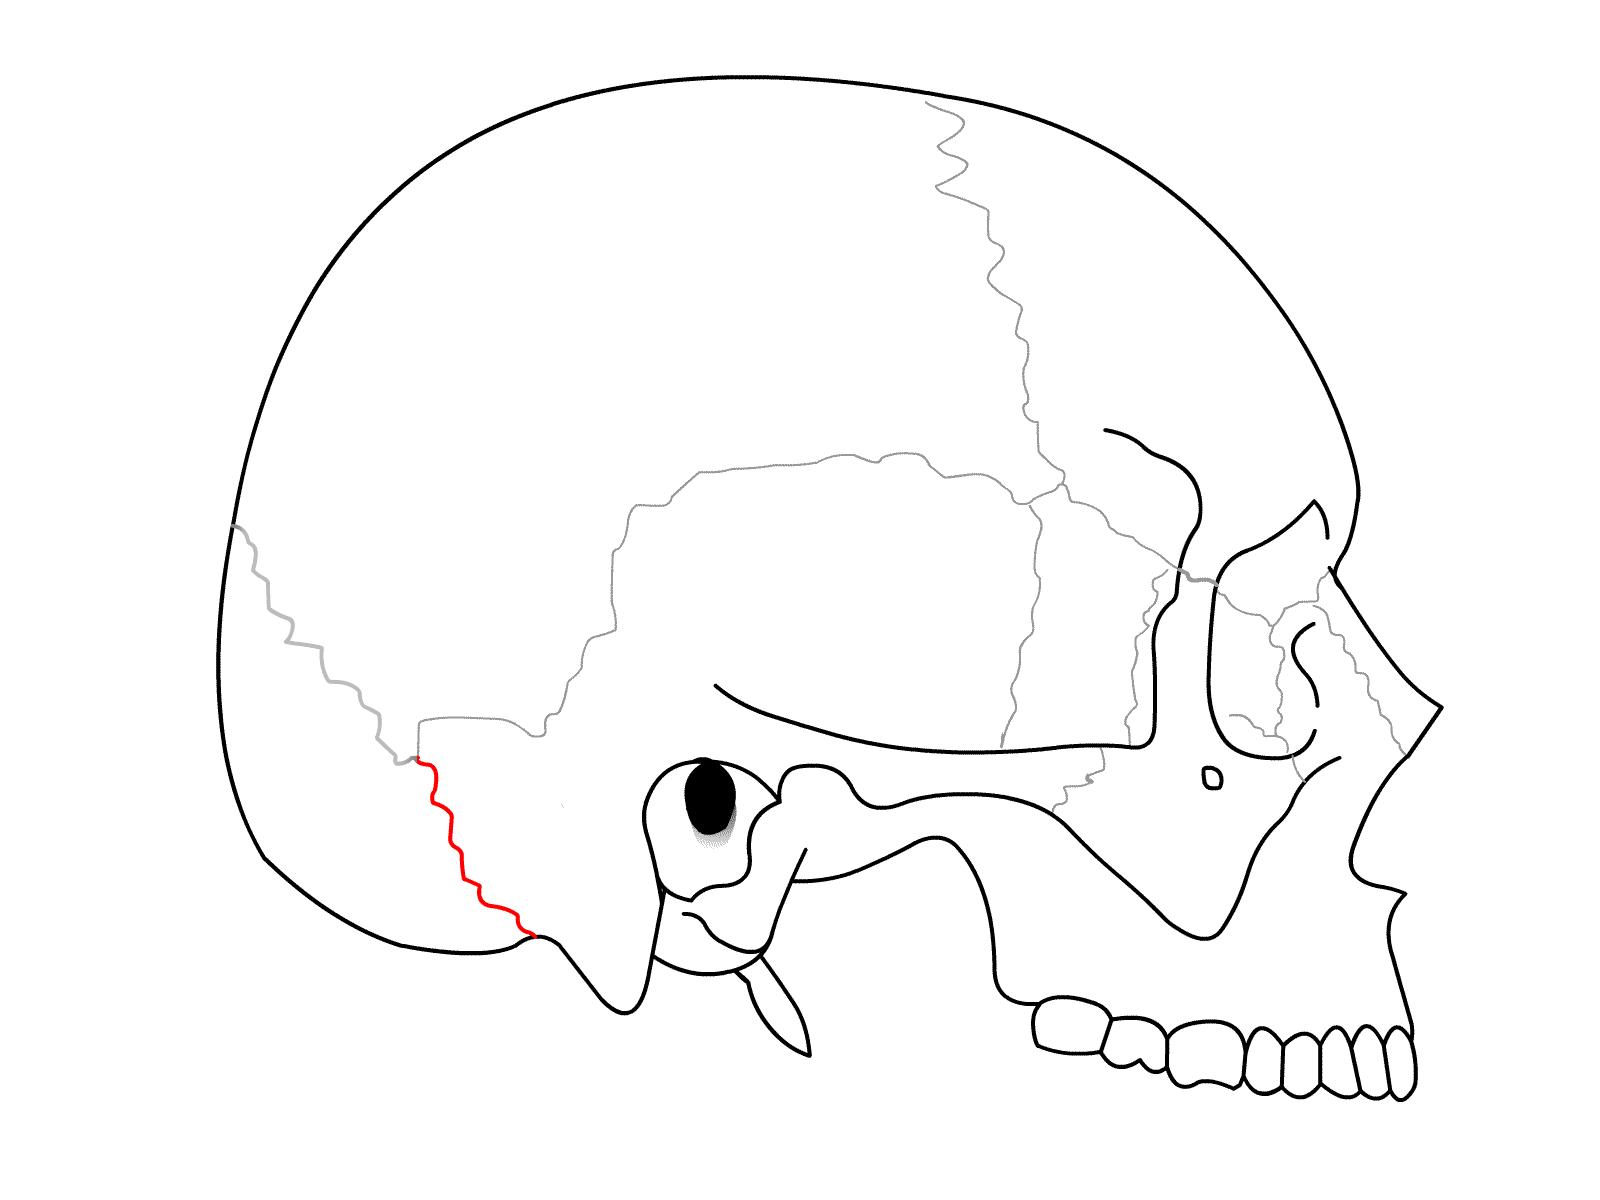 occipitomastoid suture